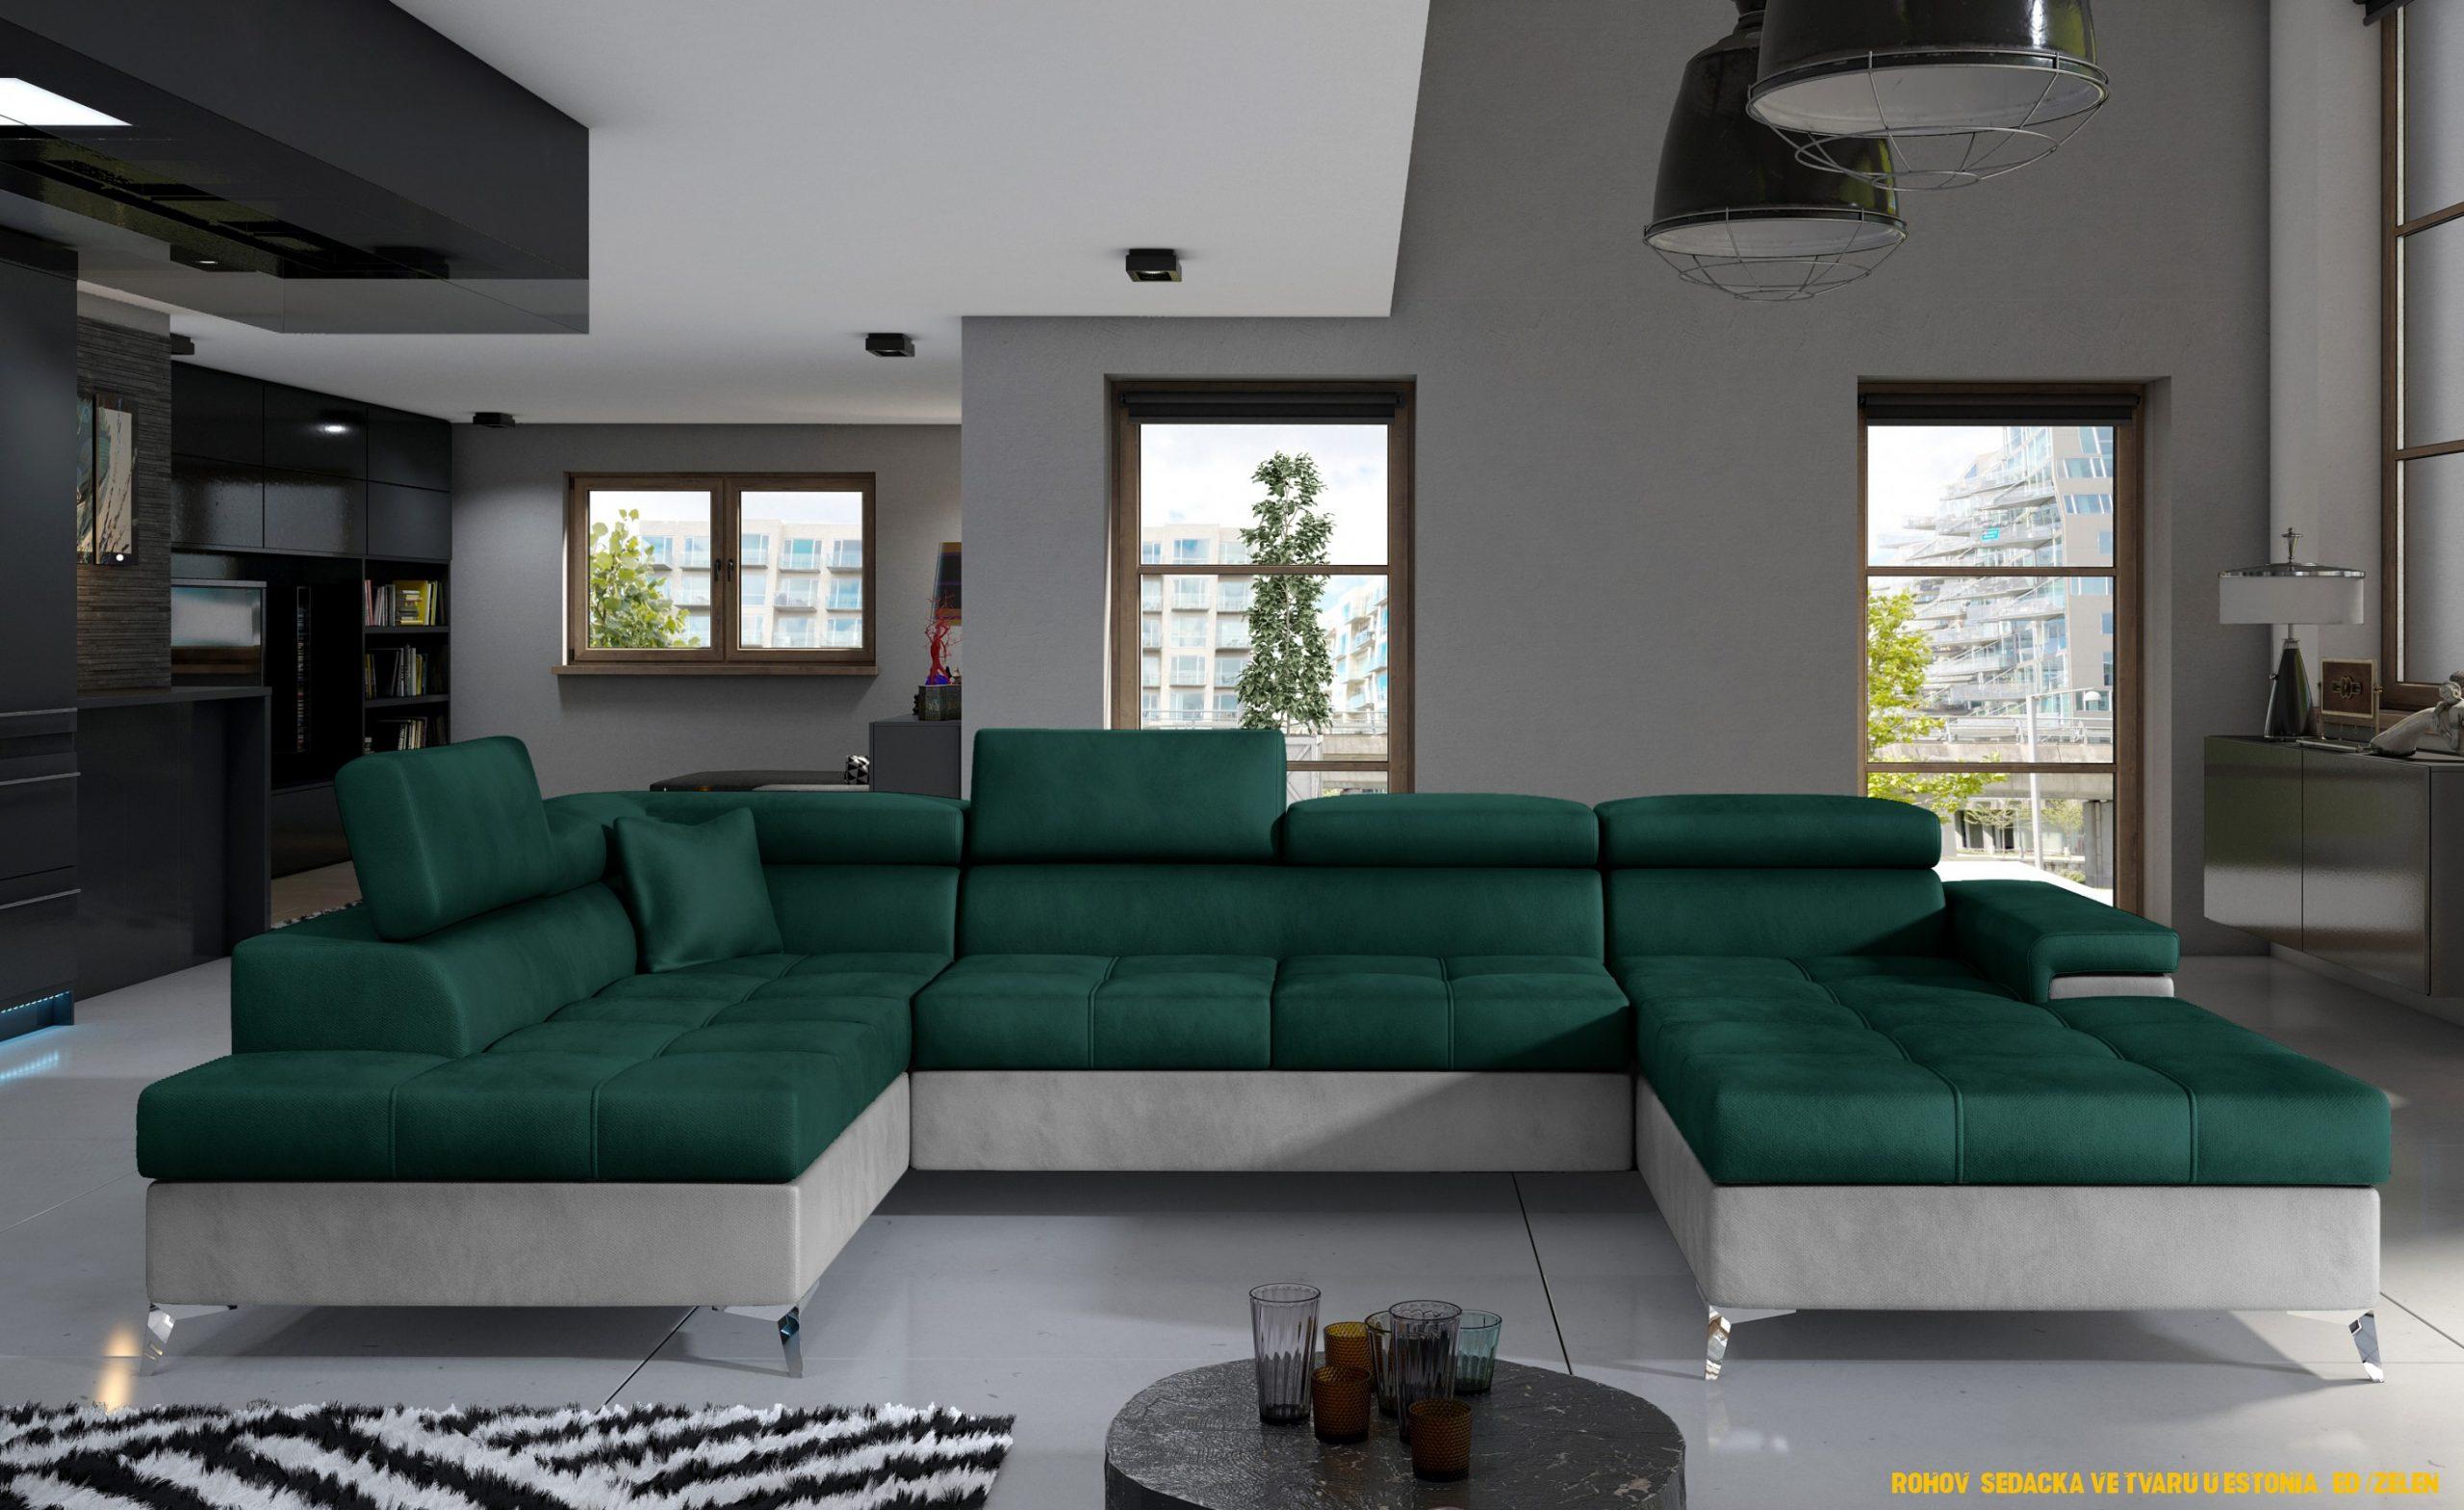 Rohová sedacka ve tvaru U Estonsko, šedá / zelená